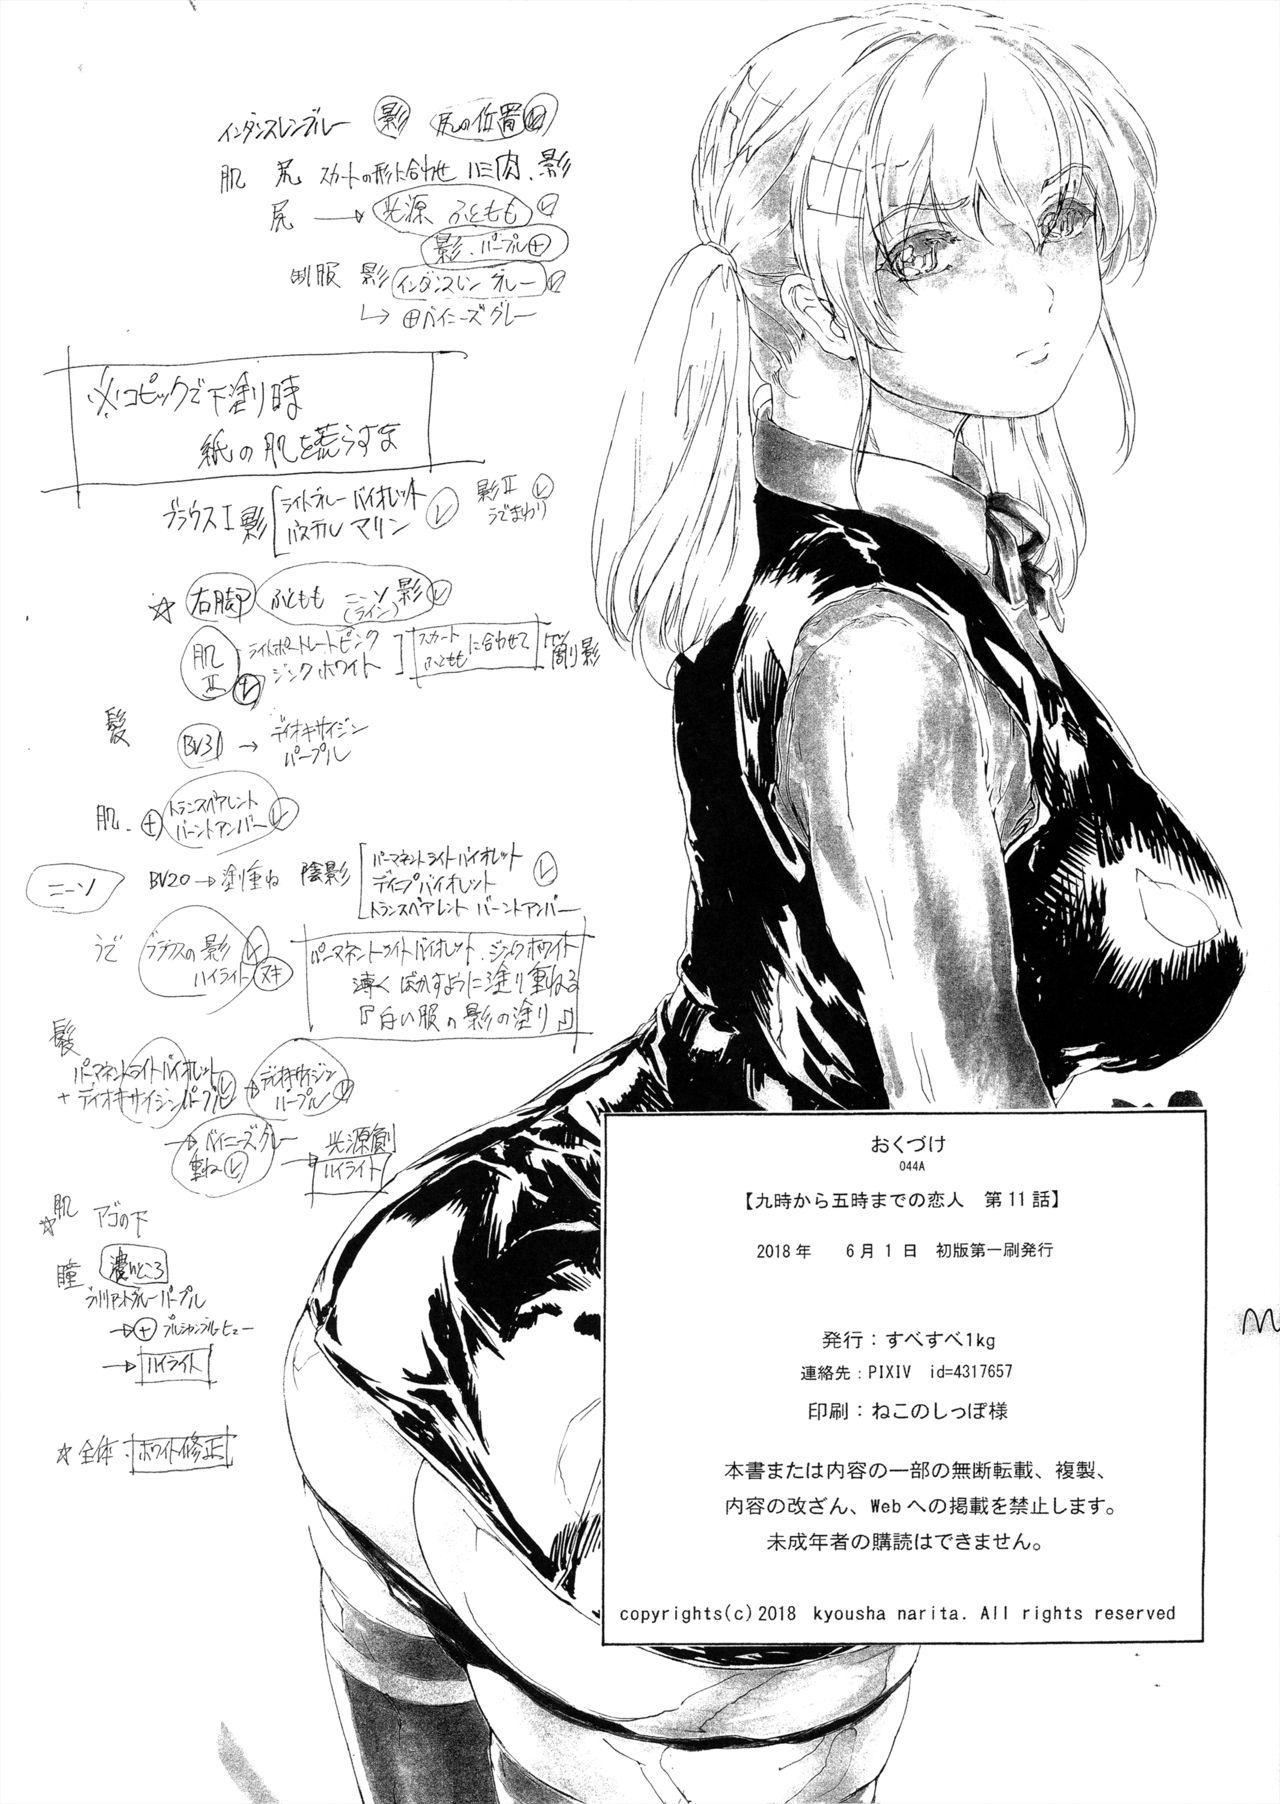 [Subesube 1kg (Narita Kyousha)] 9-Ji Kara 5-ji Made no Koibito Dai 11 wa - Nine to Five Lover [English] [Fated Circle] 33